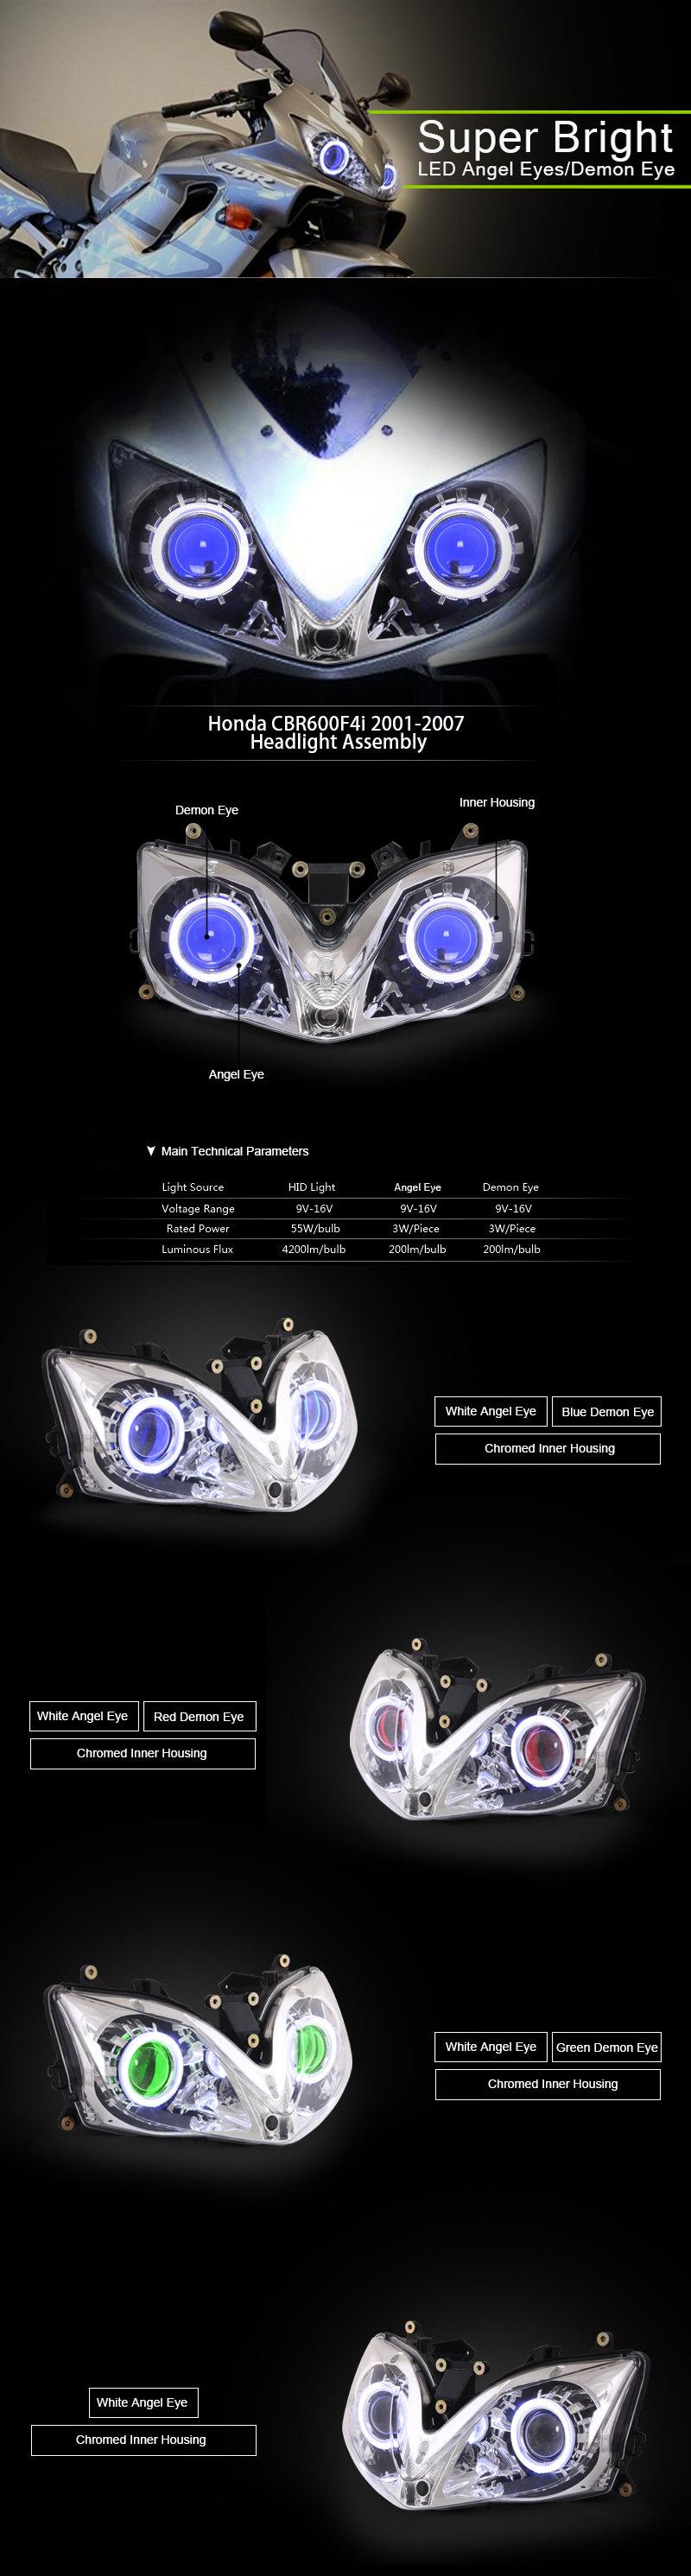 Honda CBR600F4i Headlight 2001-2007